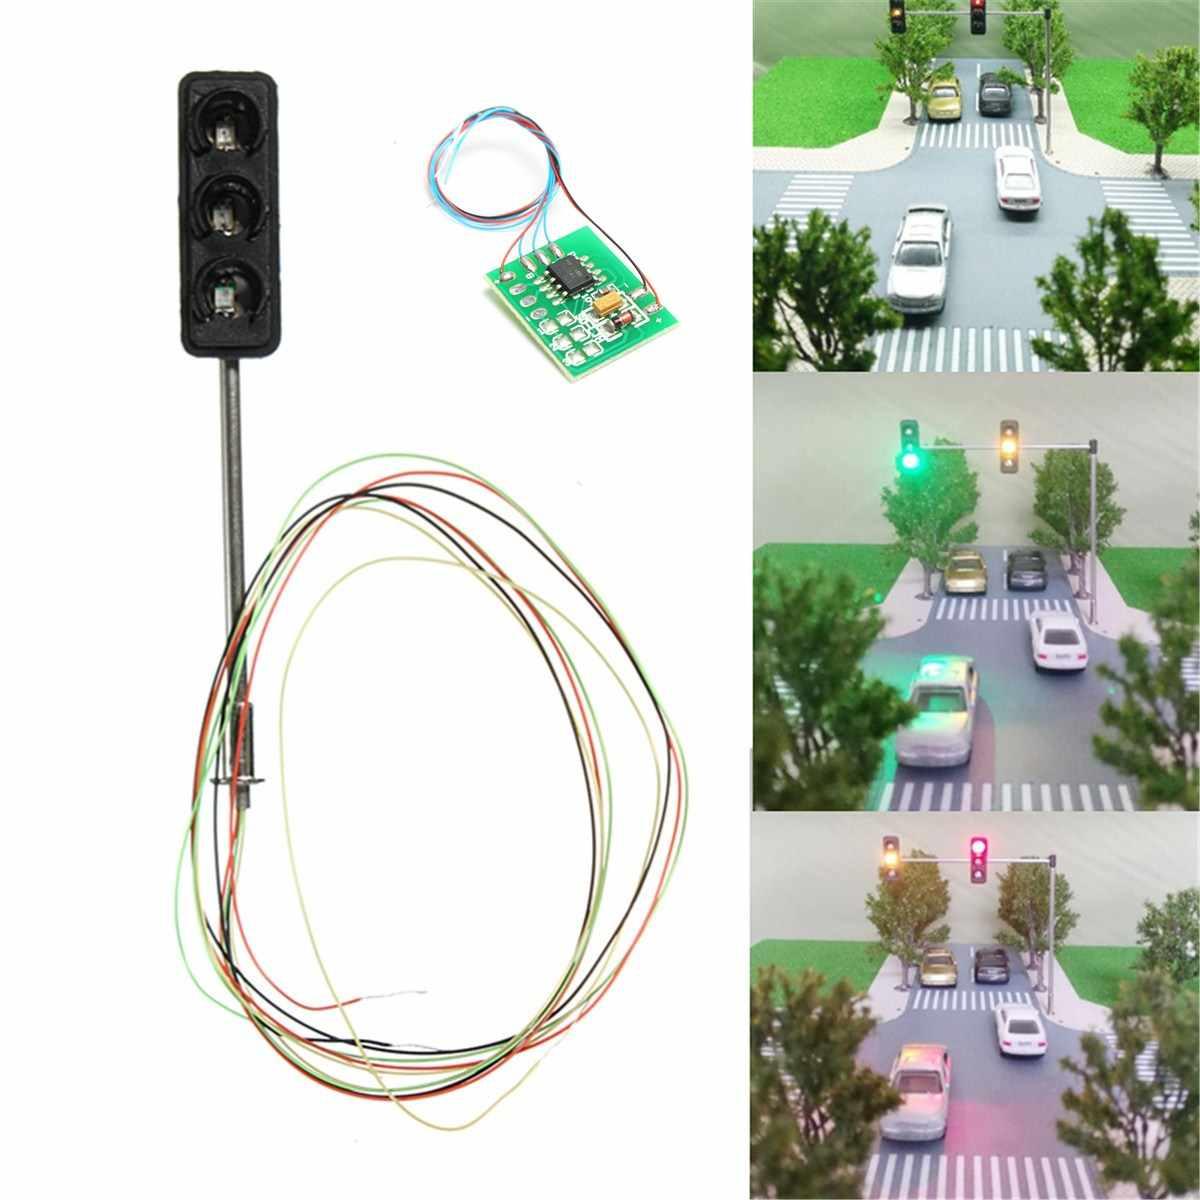 1 zestaw sygnalizator świetlny HO OO skala Model LED architektury pociągu przejazdu kolejowego spacer ulica + płytka drukowana